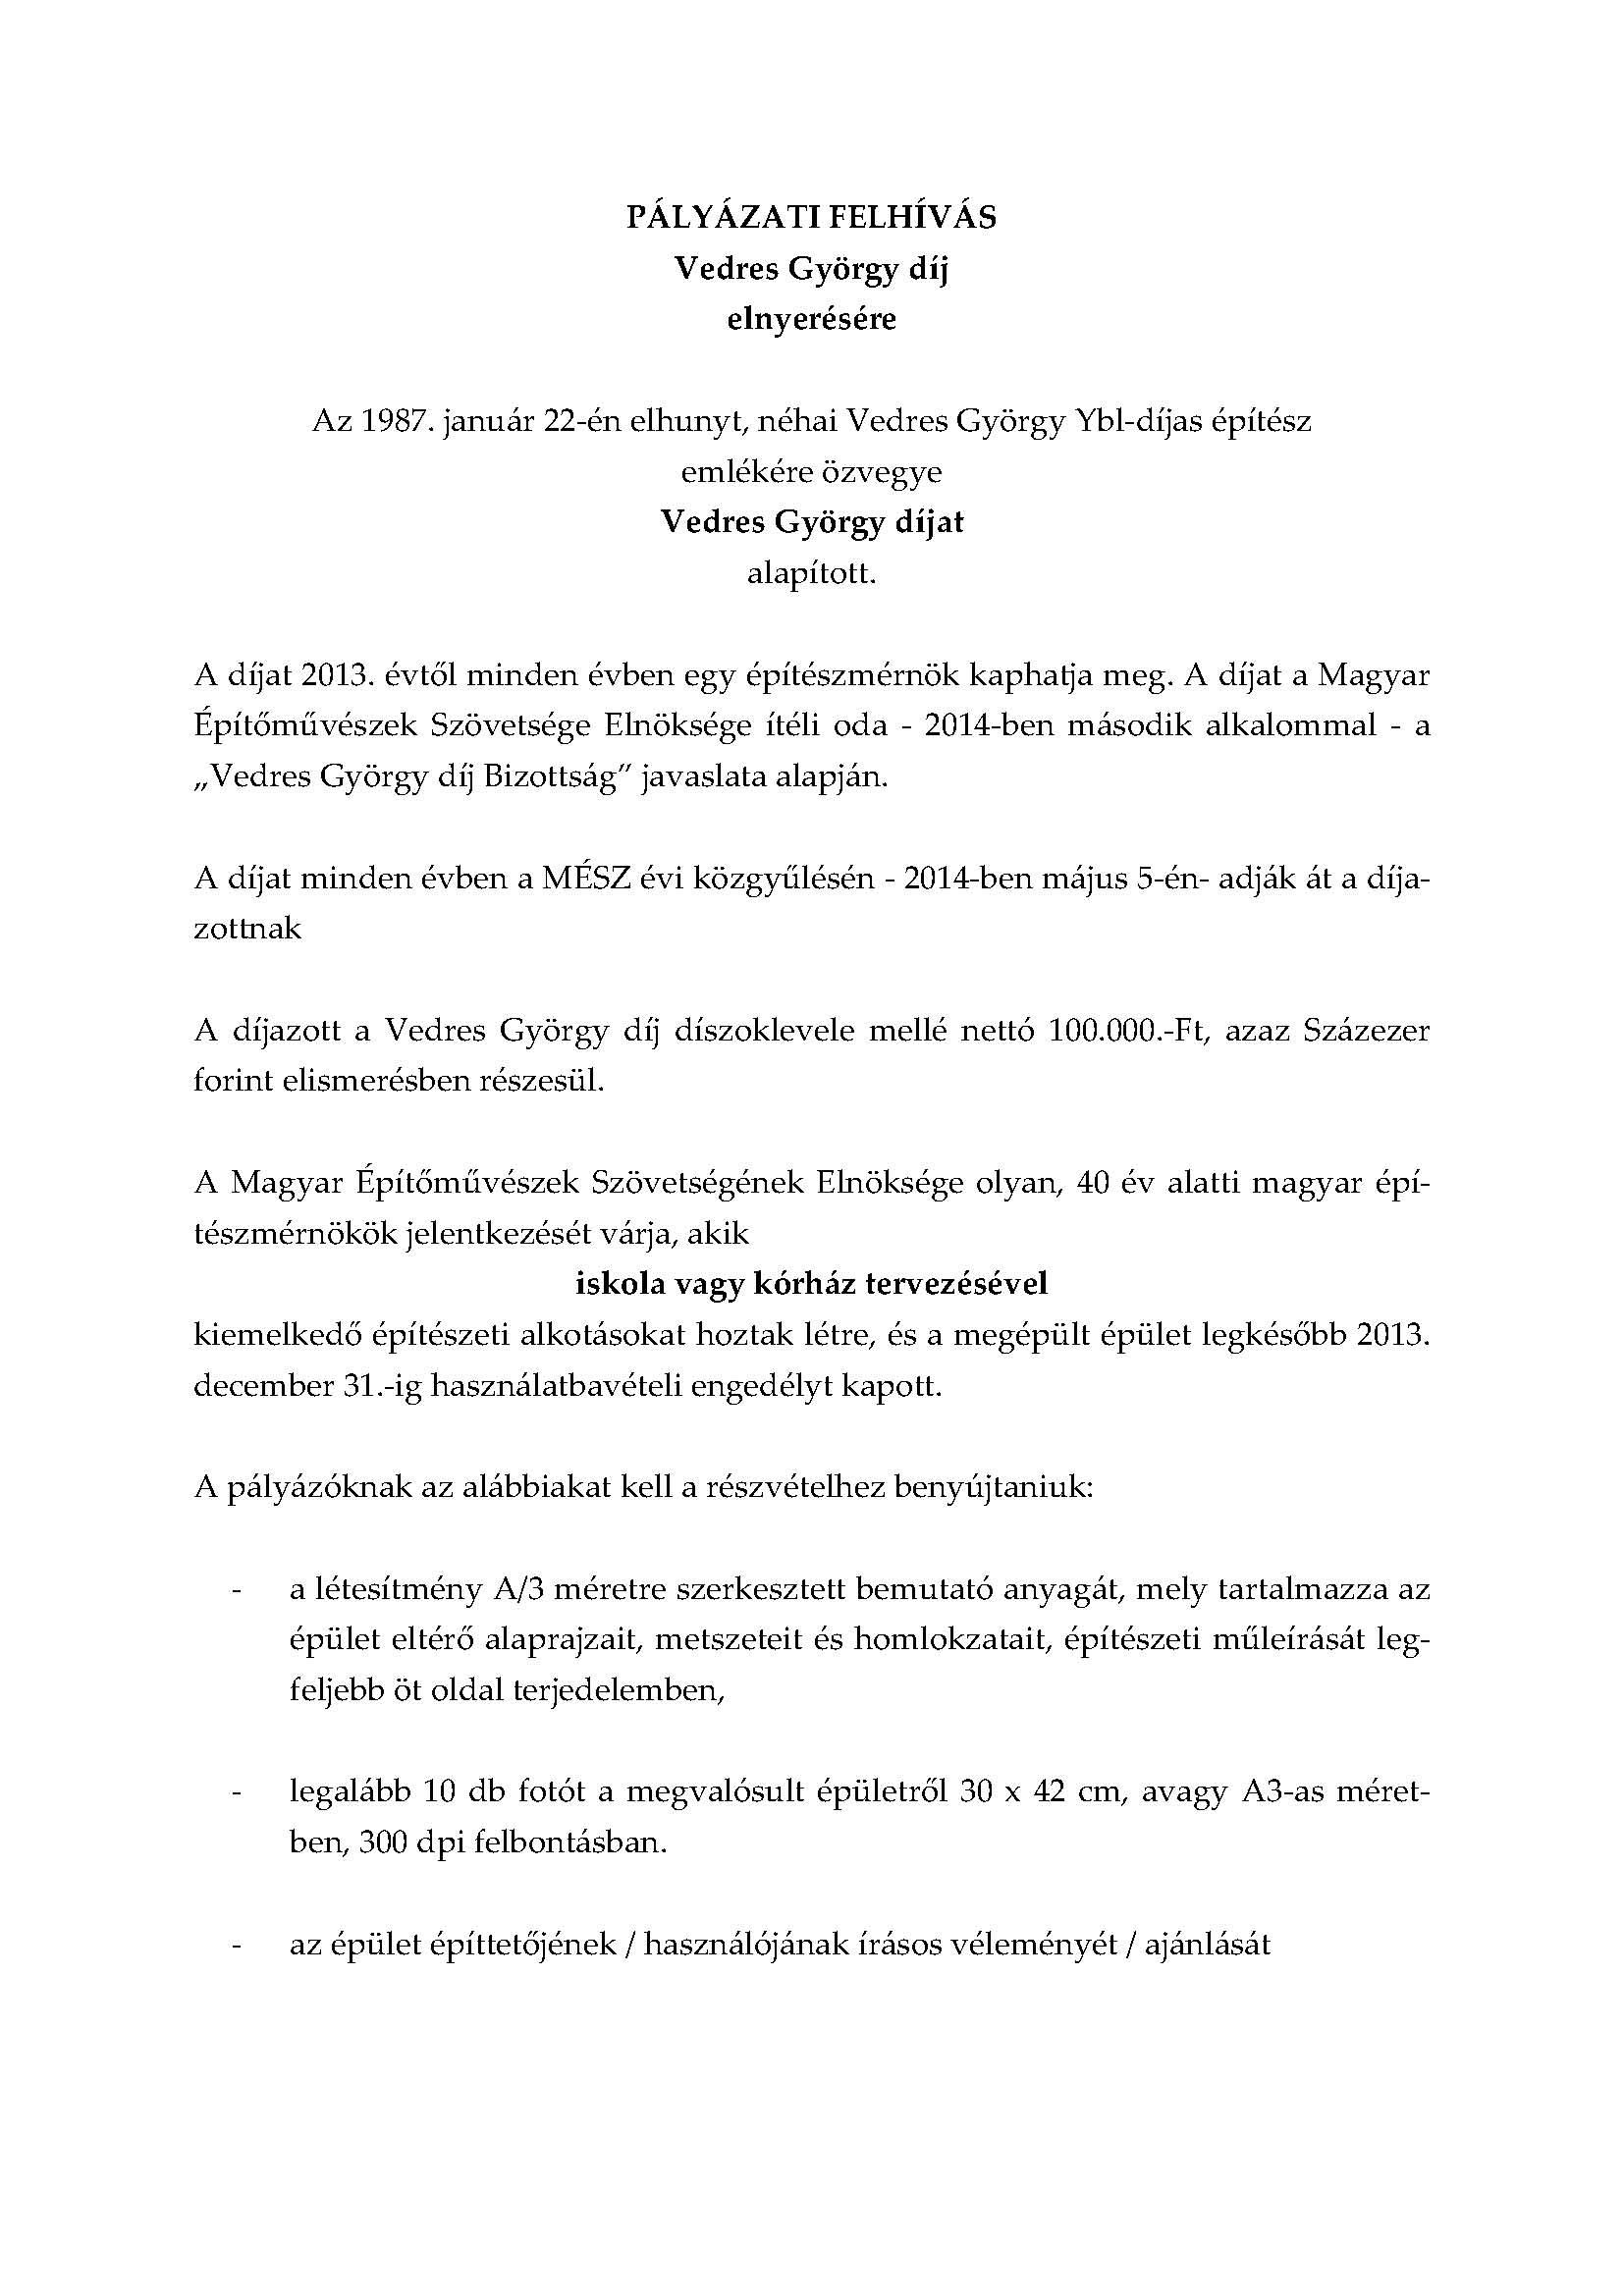 Vedres György díj_PÁLYÁZATI FELHÍVÁS_2014_mod1_Page_1